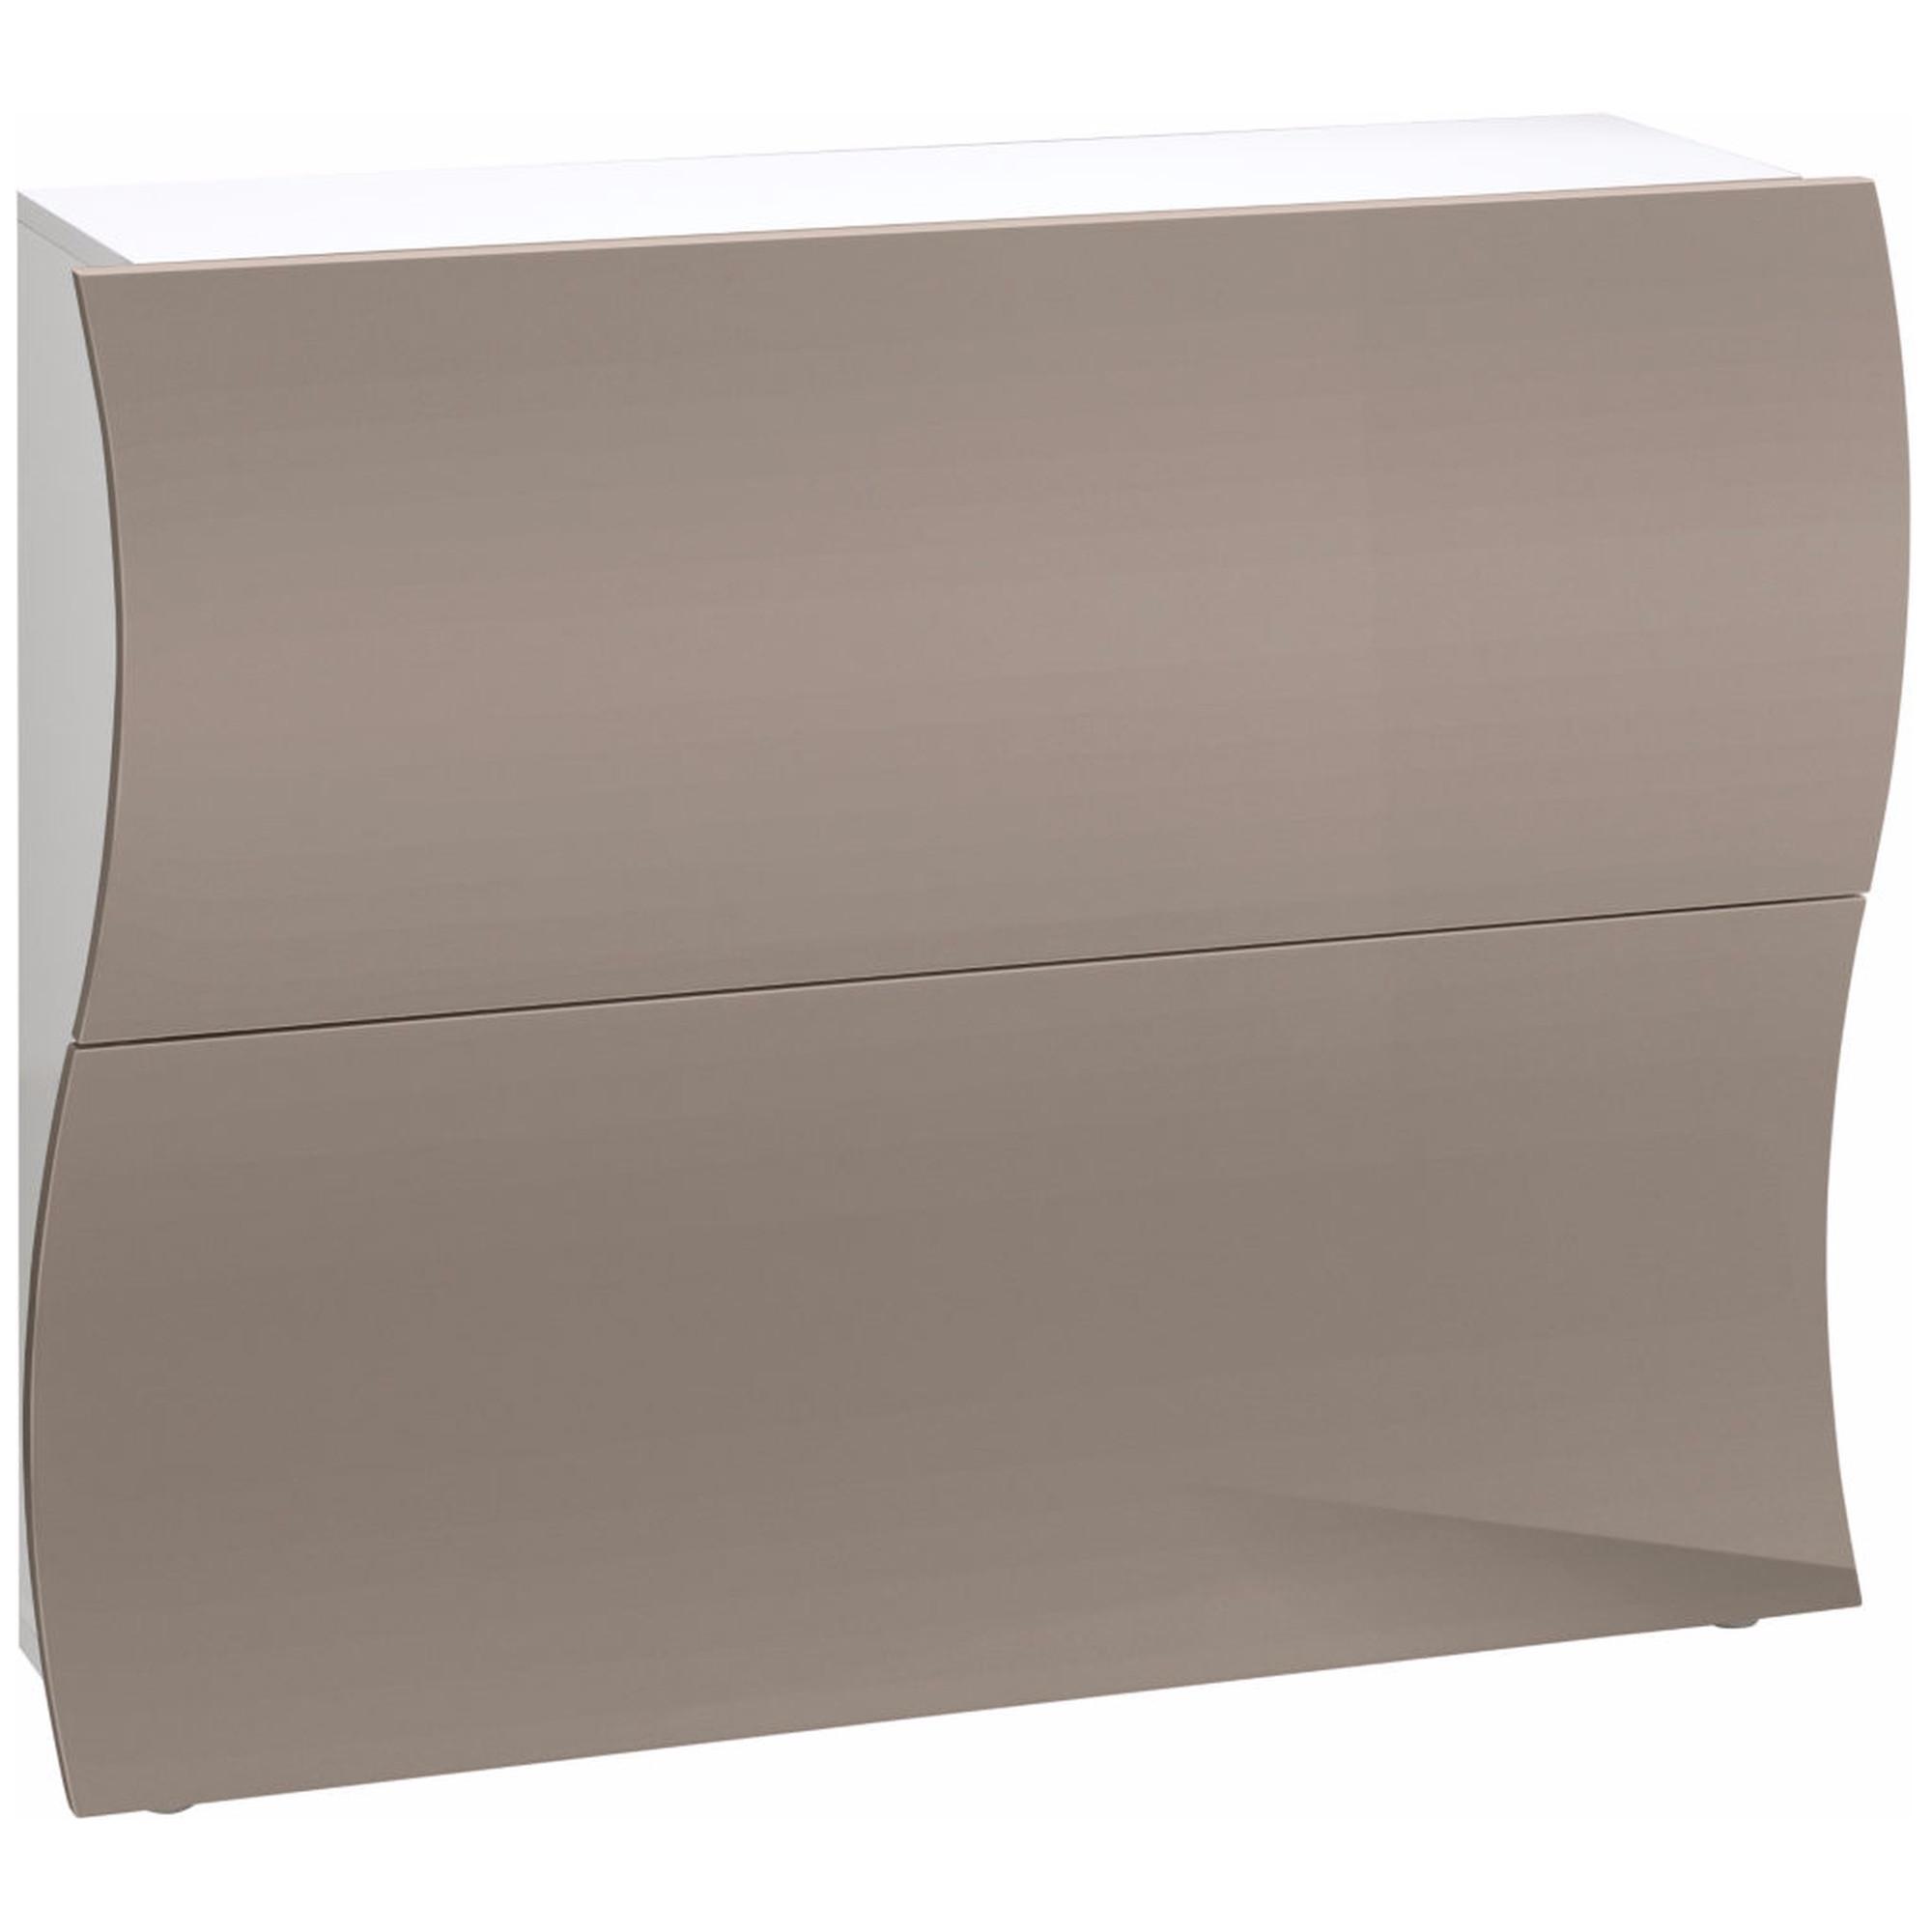 Scarpiera 2 ante 110x27xh82 cm in legno Laccato Bianco cappuccino ...